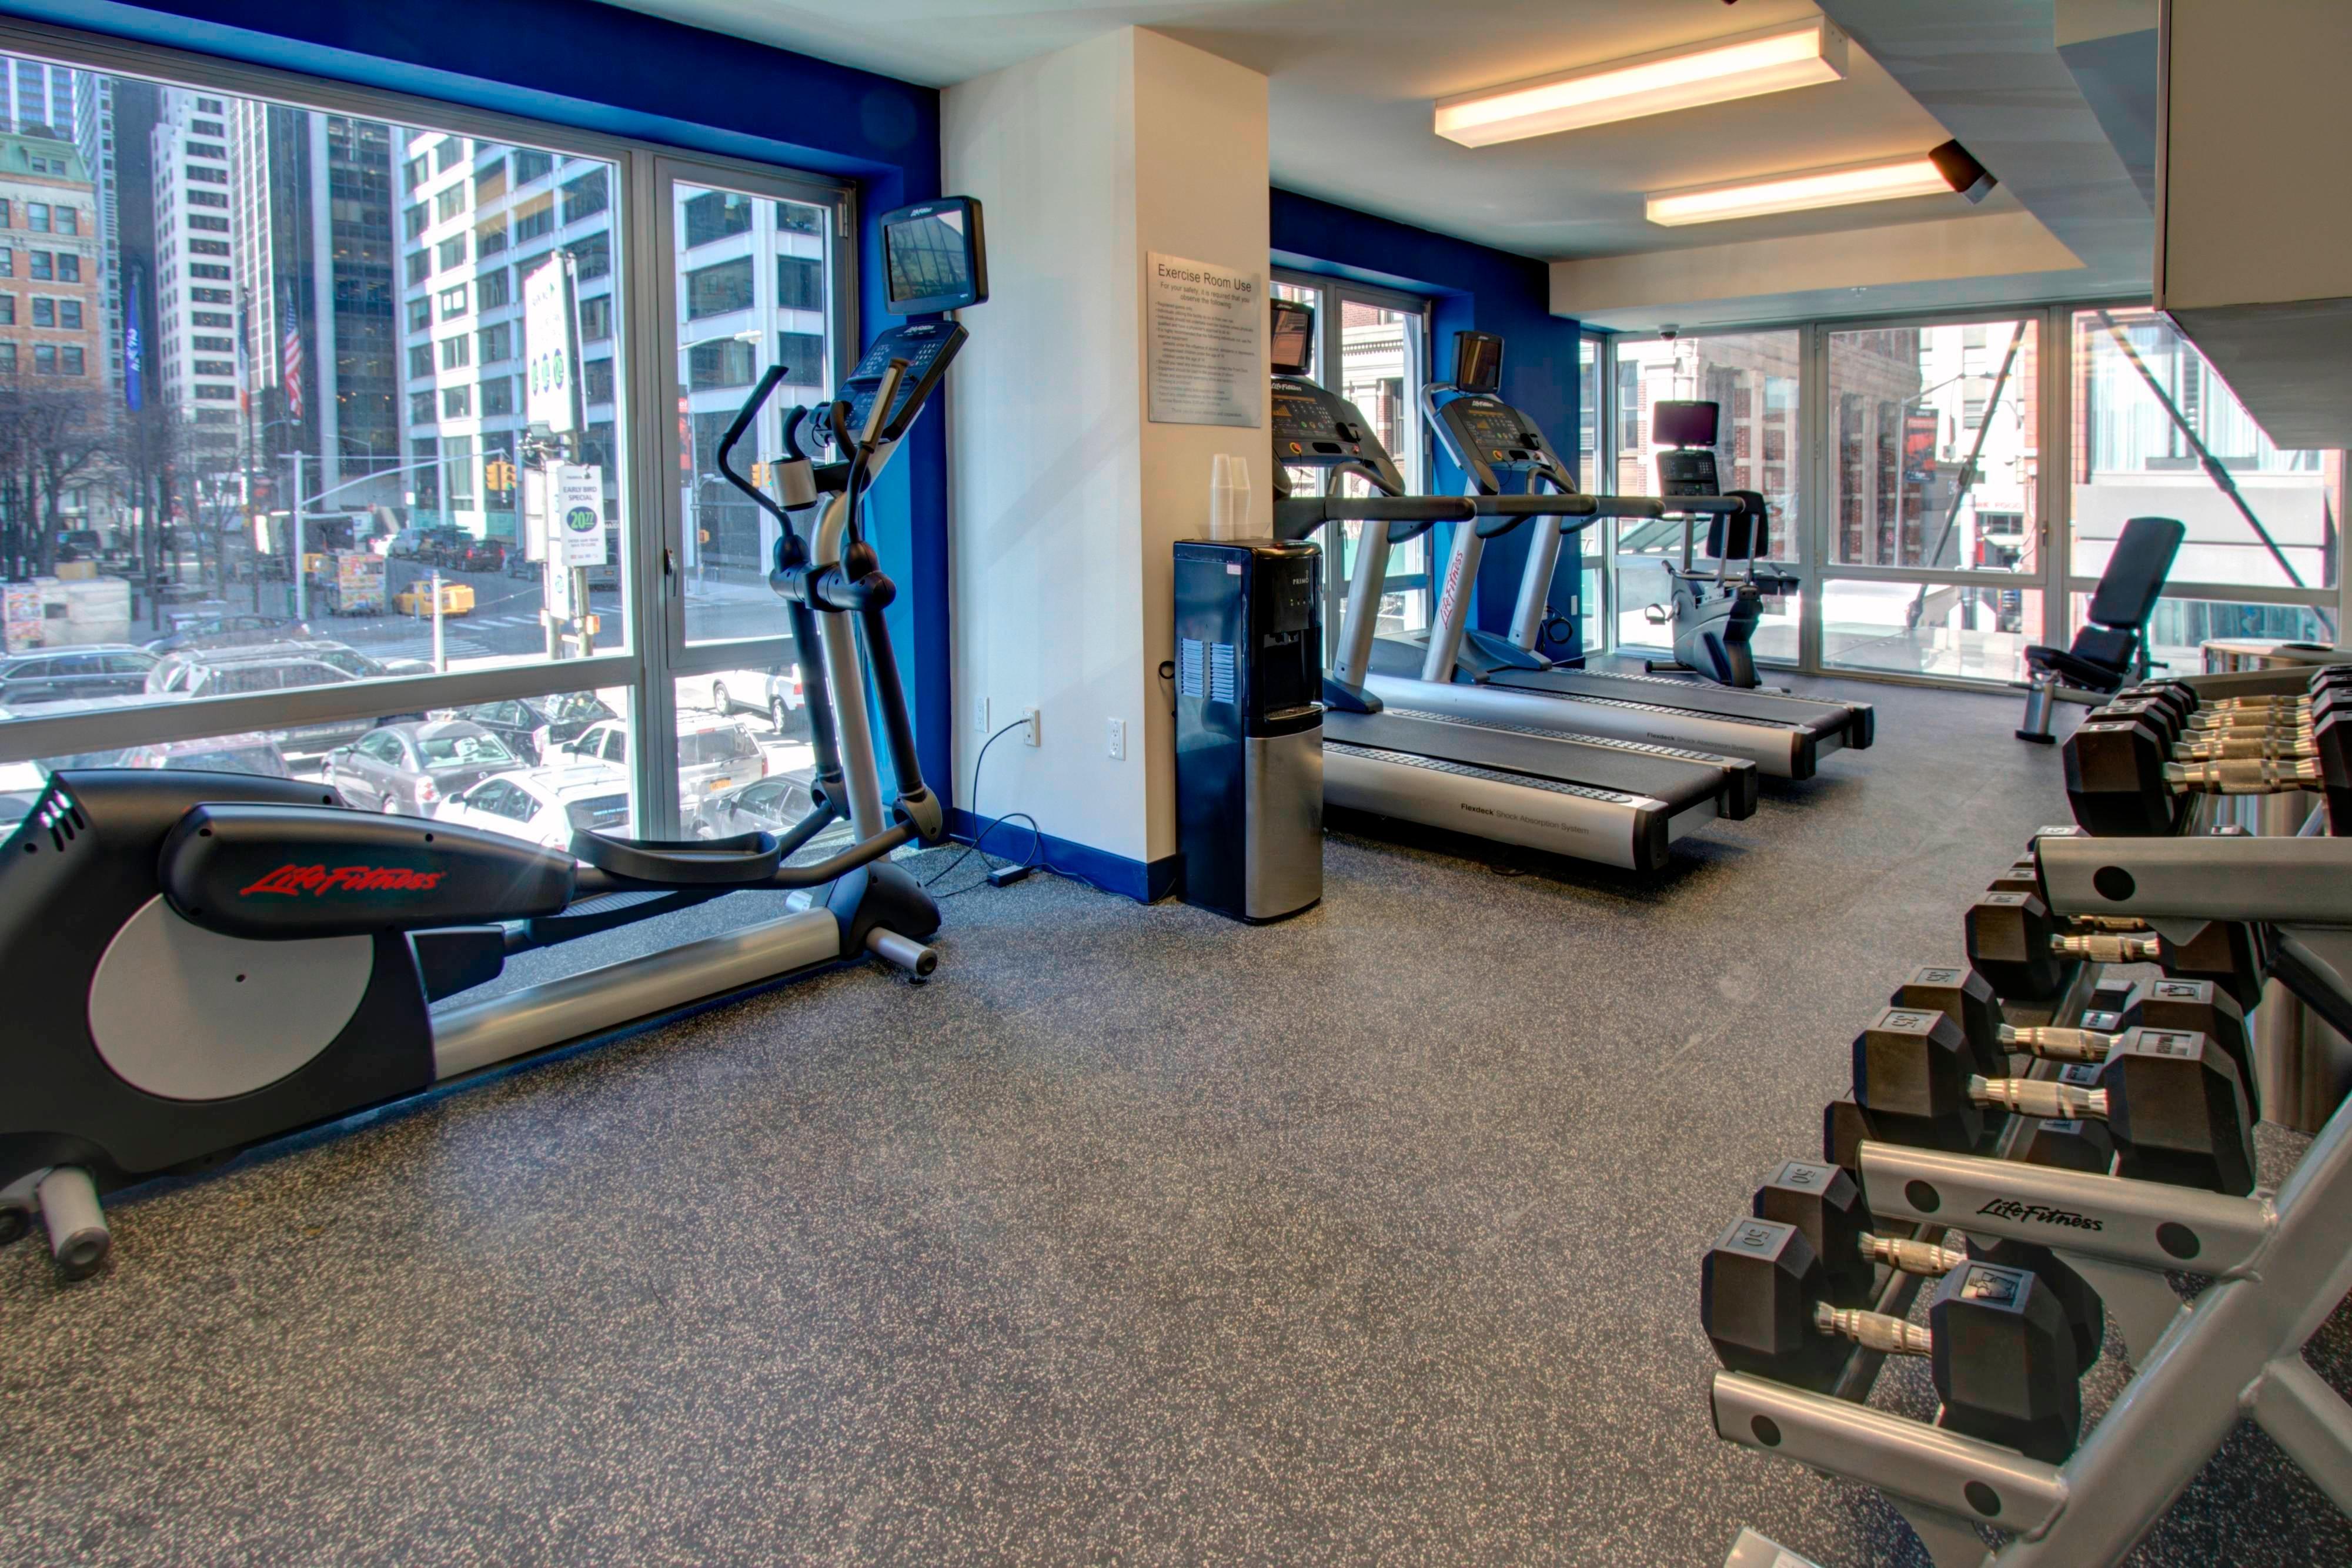 Fitnesscenter in Hotel in Lower Manhattan